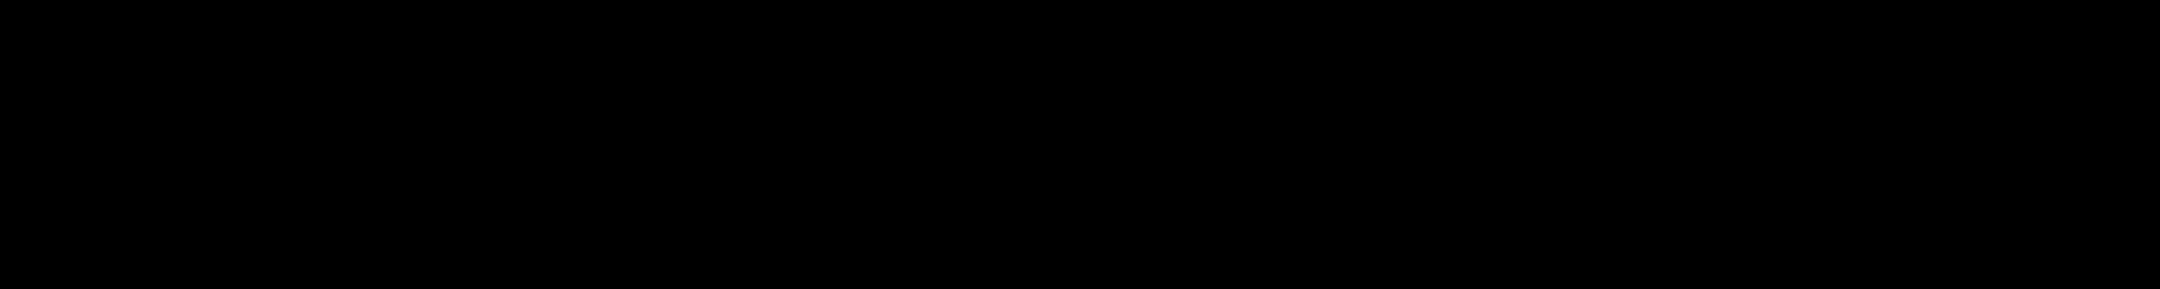 calvin-klein-logo-1